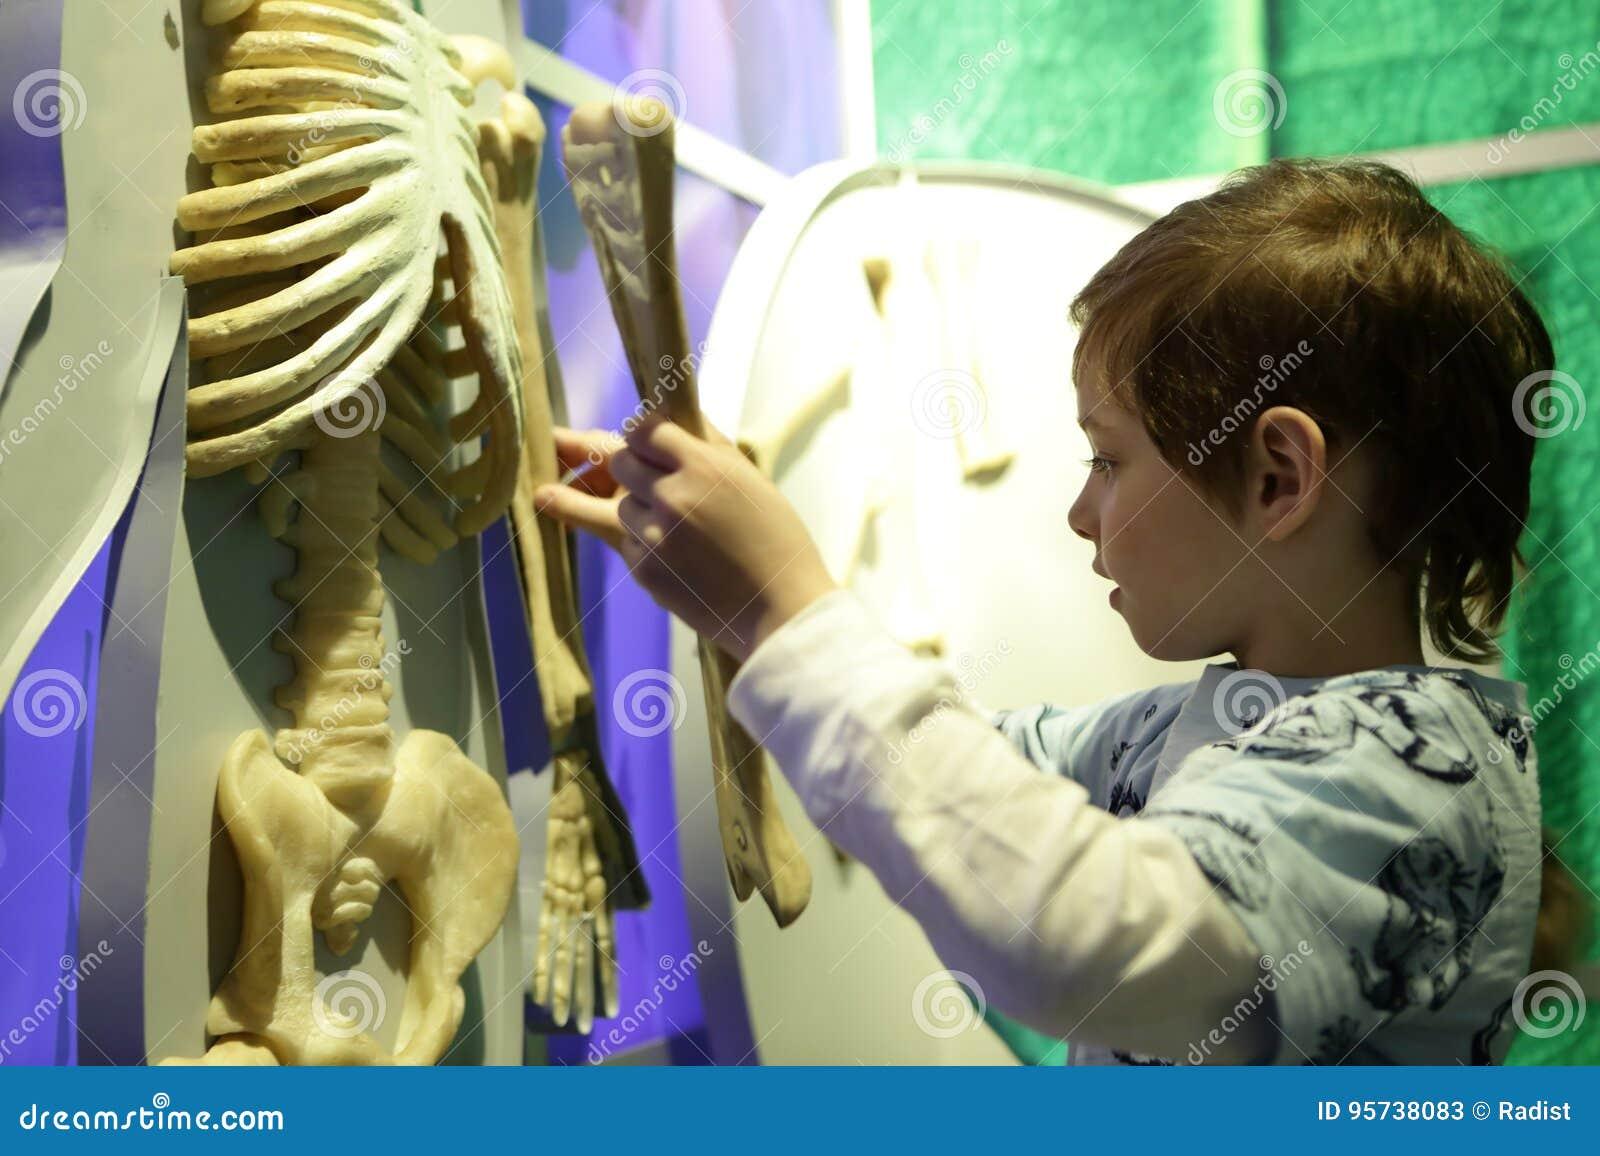 Muchacho Que Estudia La Anatomía Humana Imagen de archivo - Imagen ...